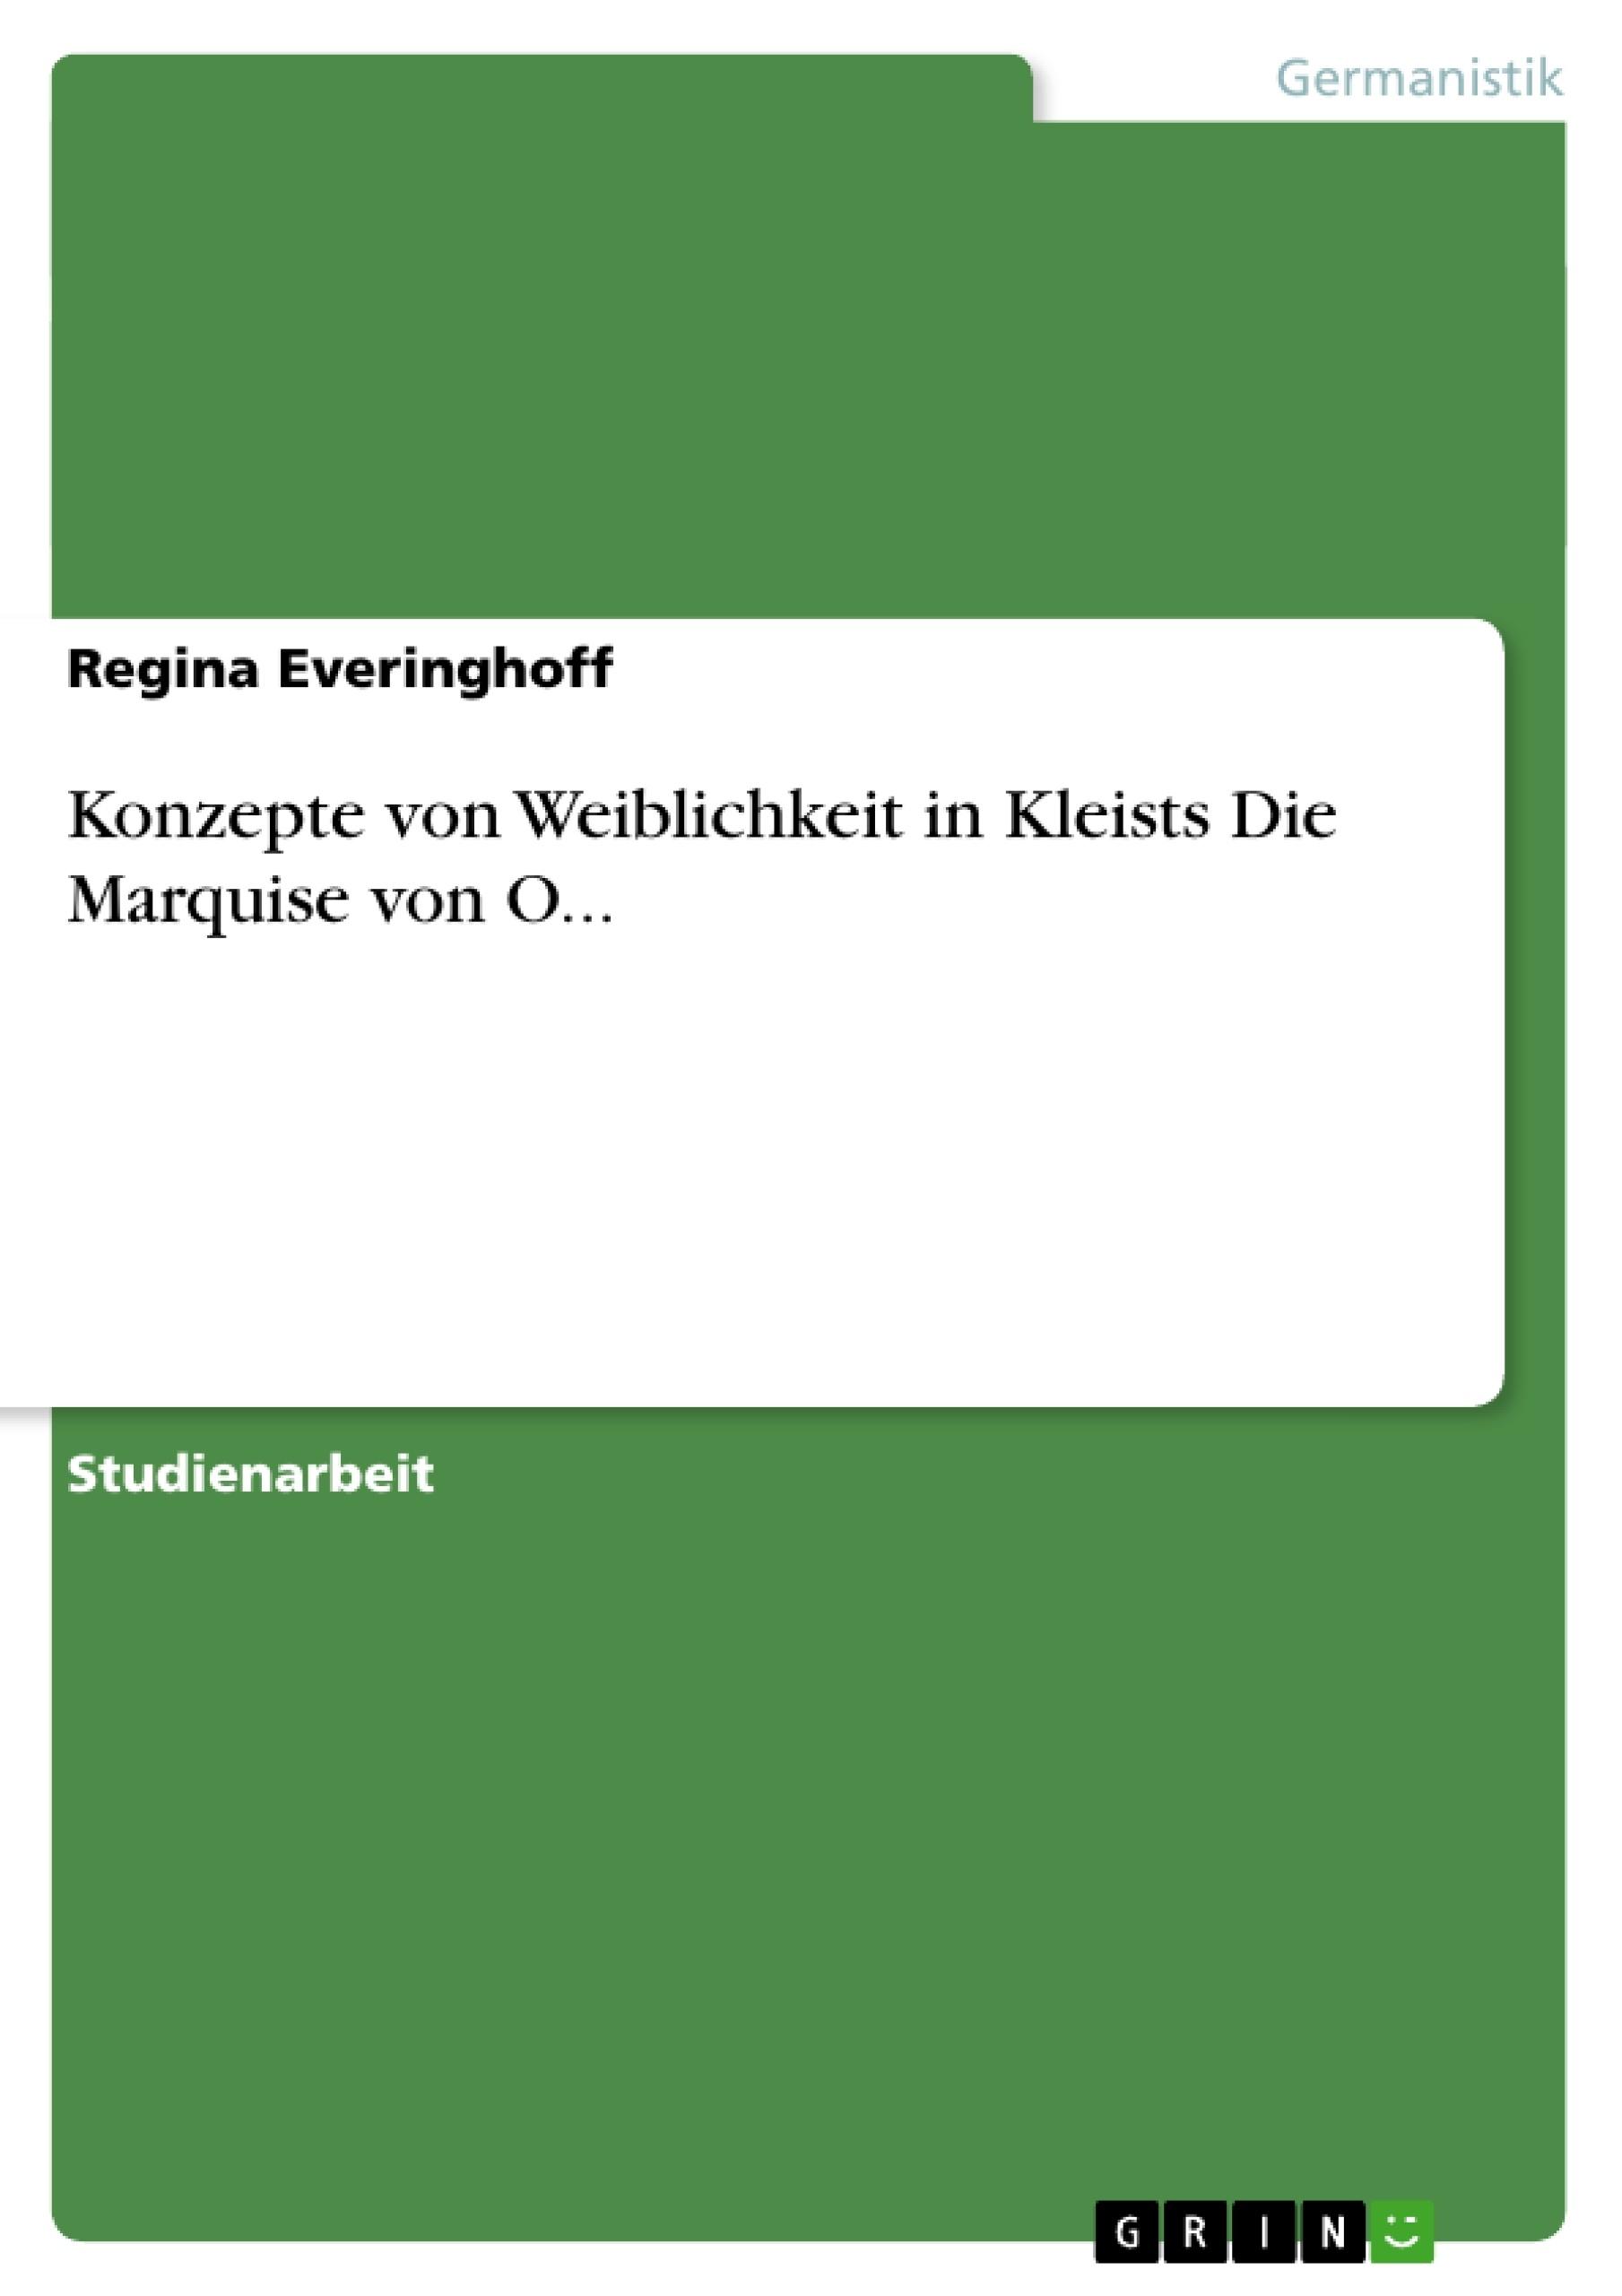 Titel: Konzepte von Weiblichkeit in Kleists Die Marquise von O...